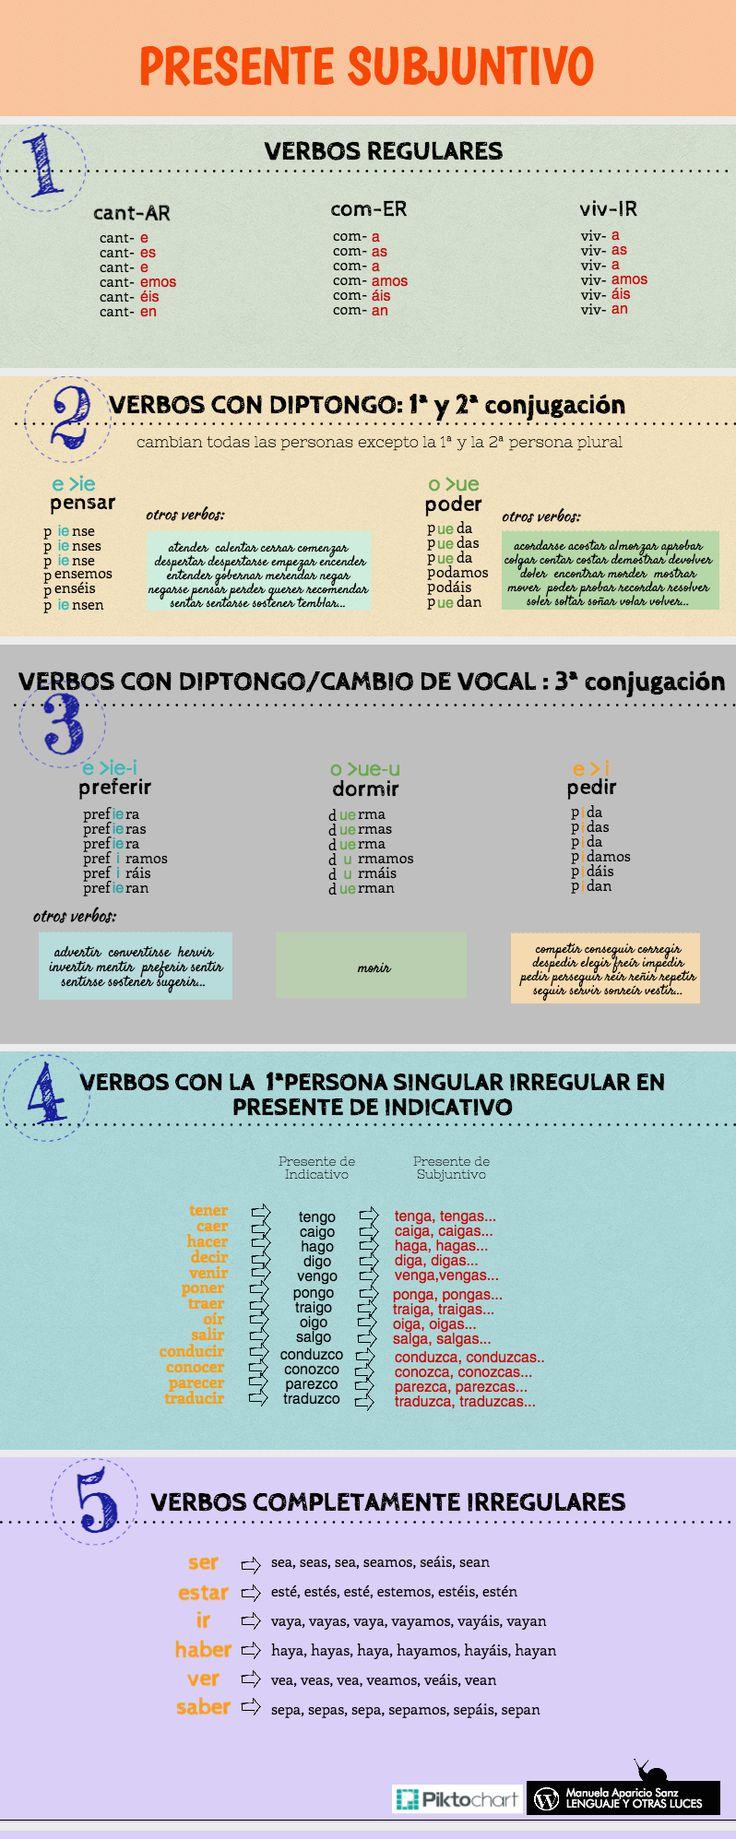 Presente subjuntivo